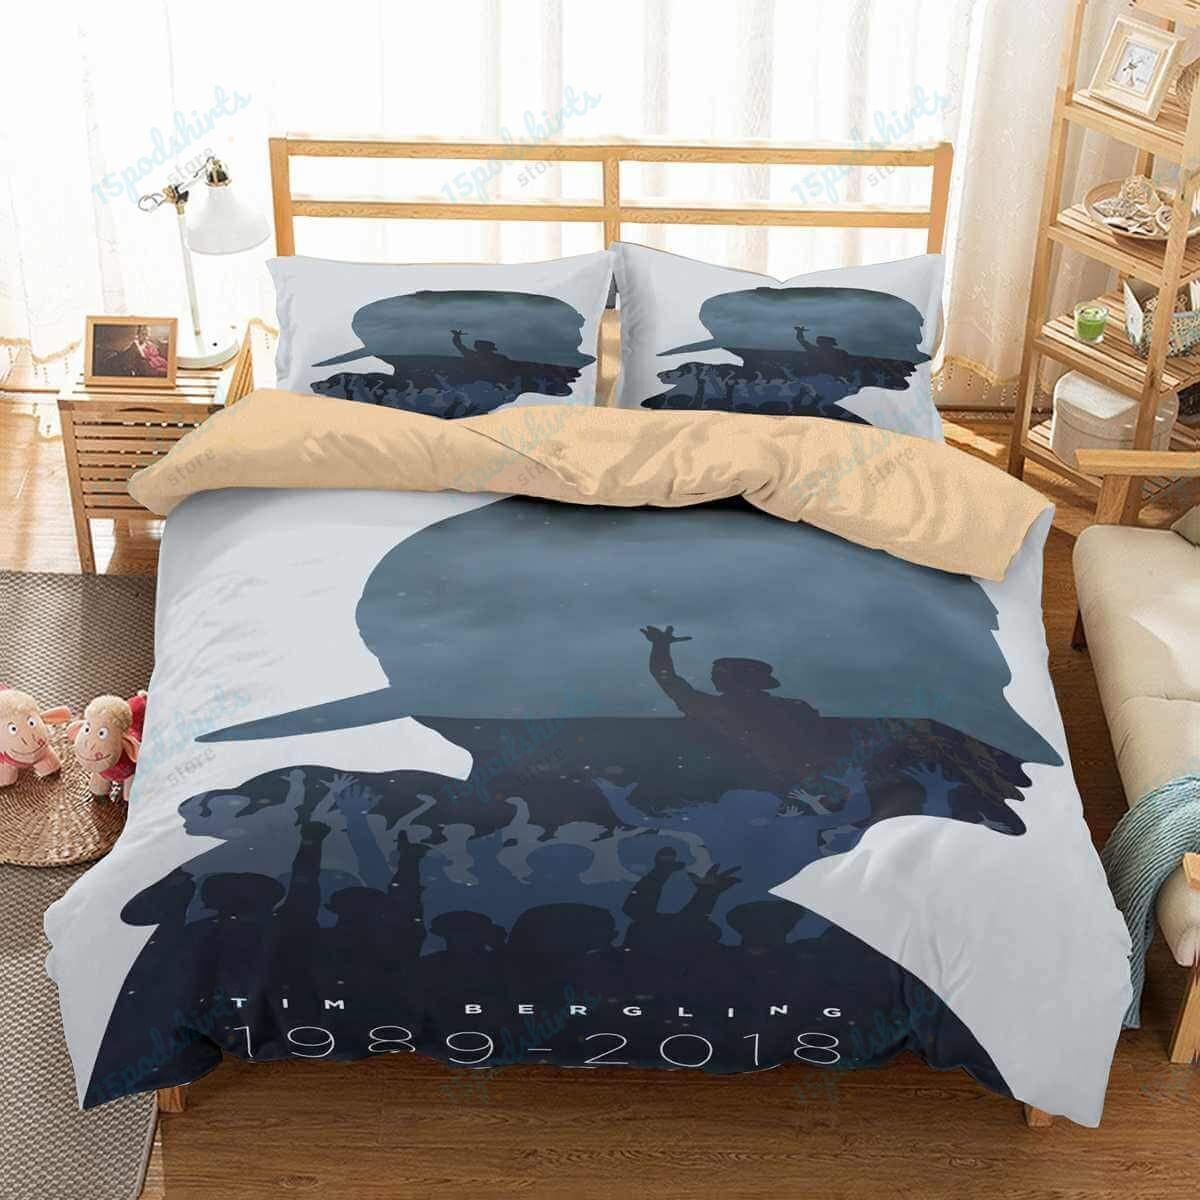 Avicii Duvet Cover Bedding Set